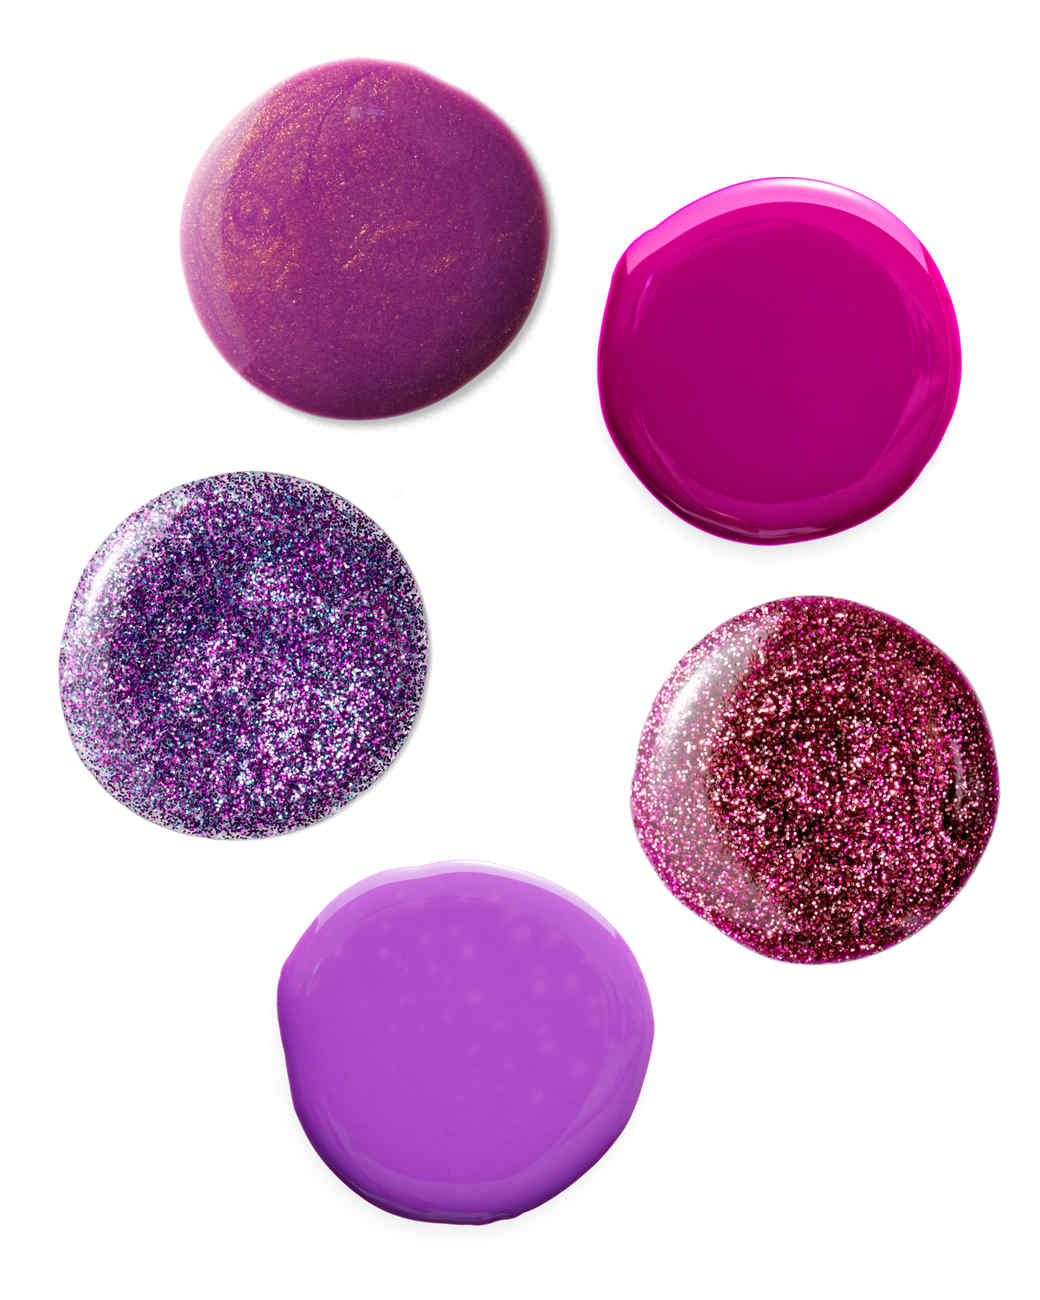 nail-polish-pinkishpurples-msl0612.jpg